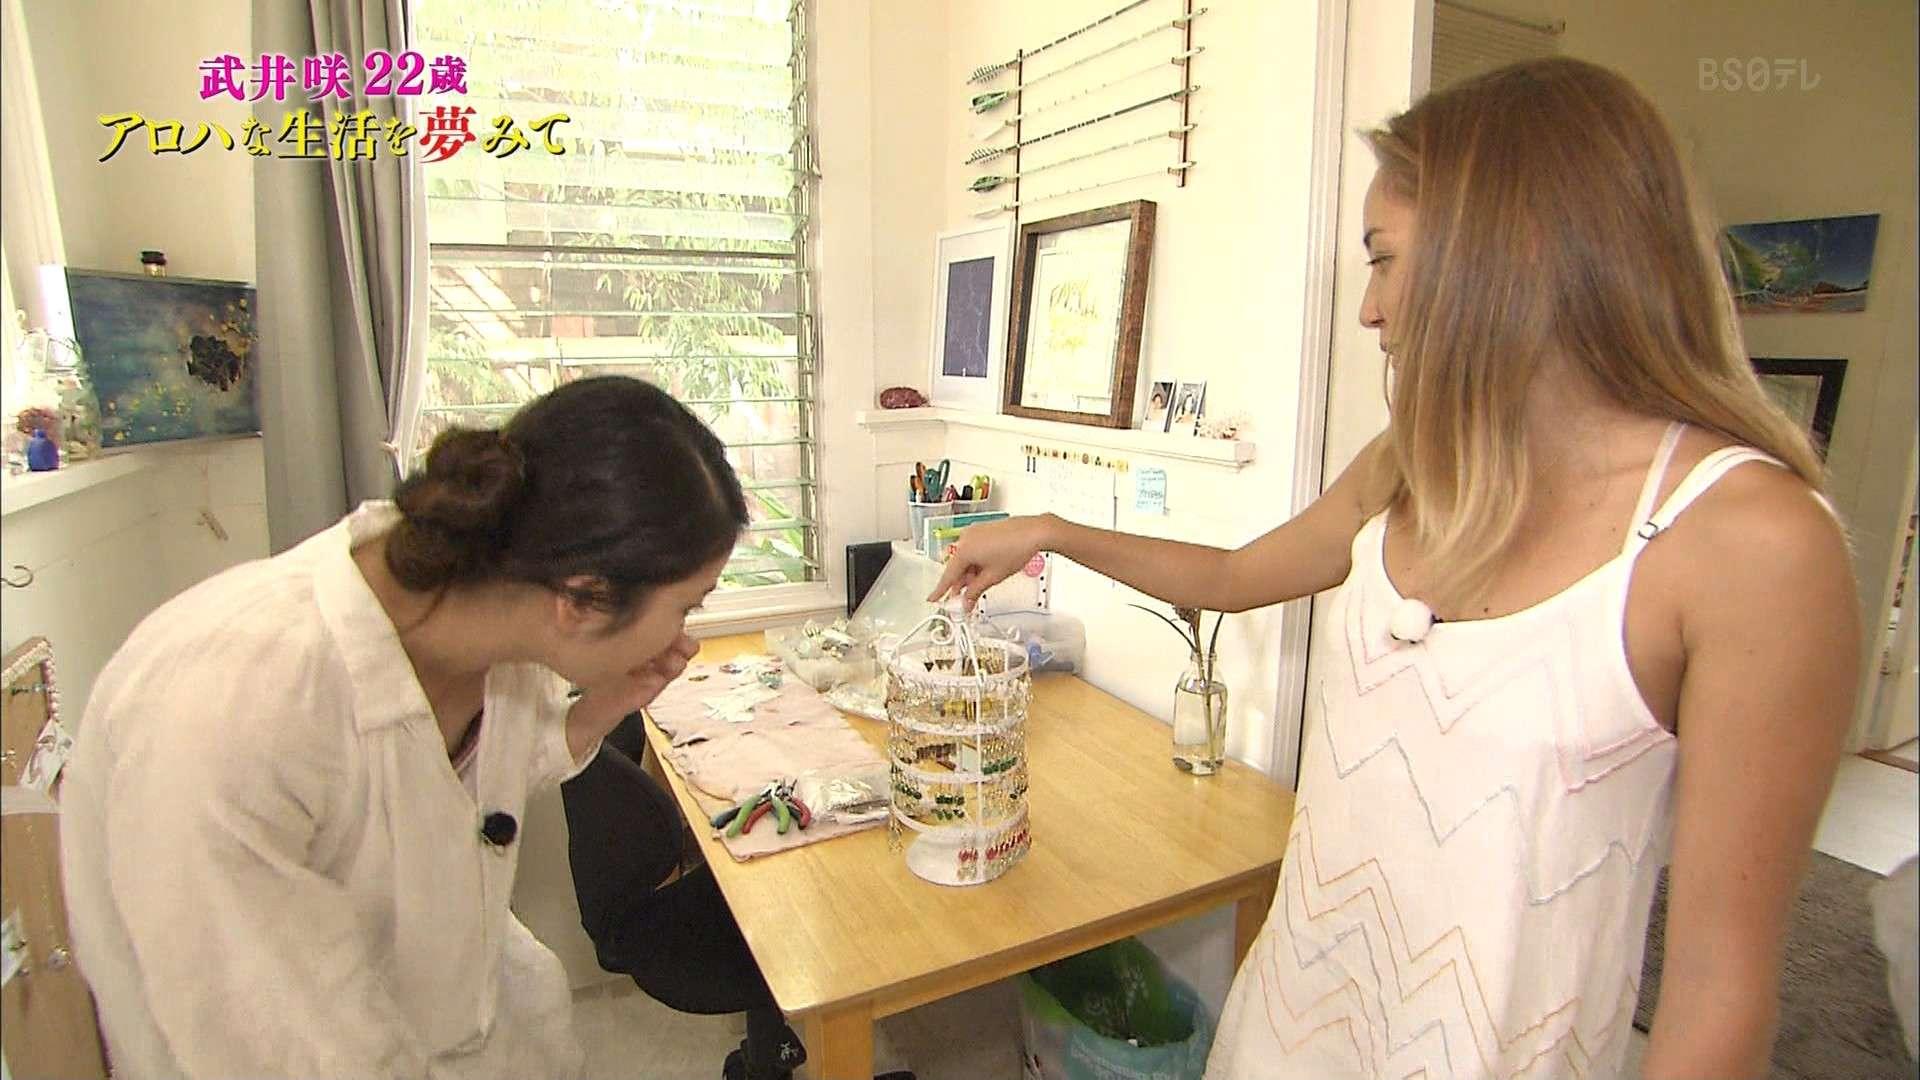 武井咲の乳首ポロリのエロ動画まとめ